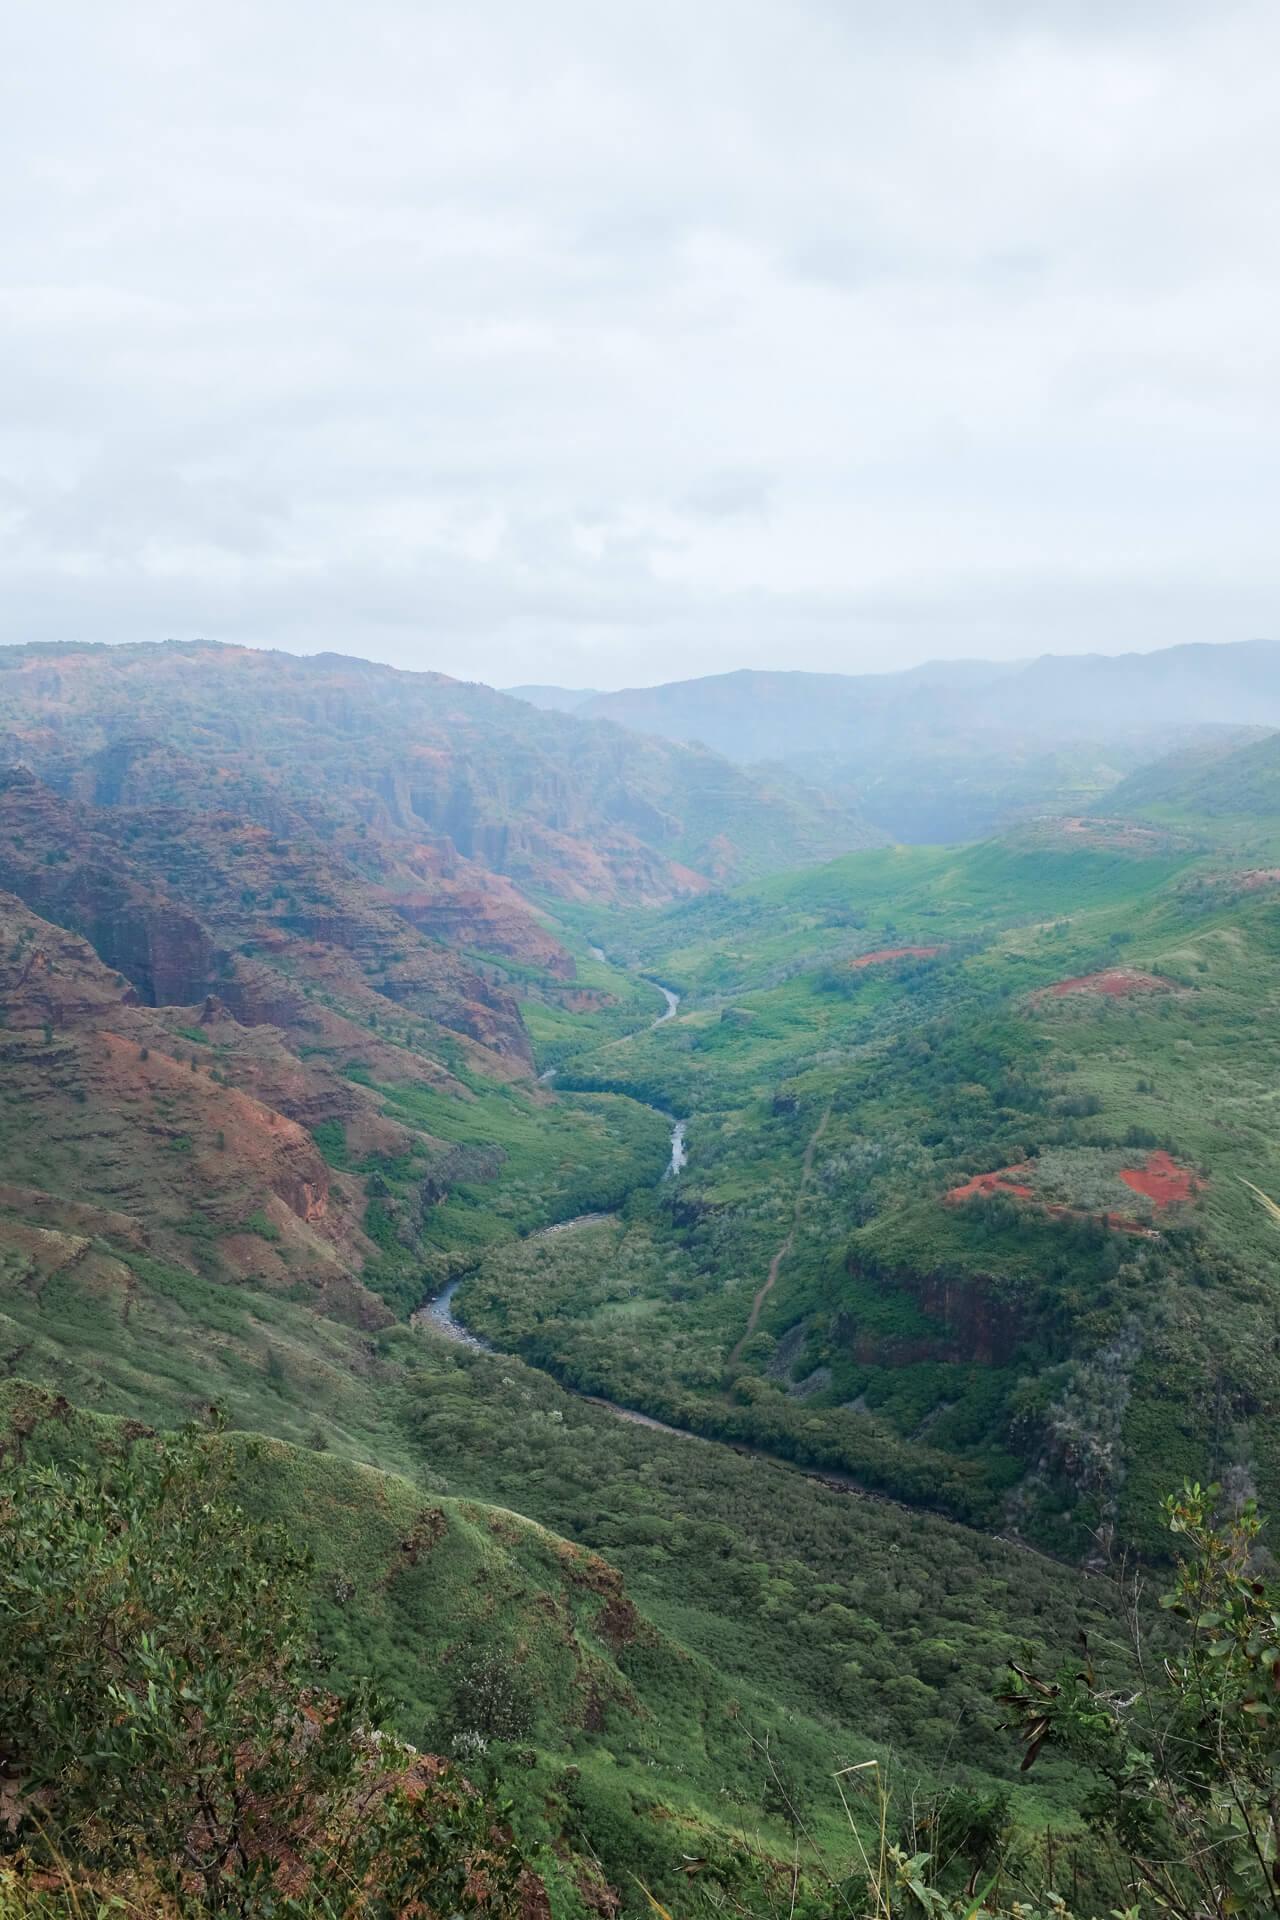 Waimea canyon - Kauai's Grand Canyon